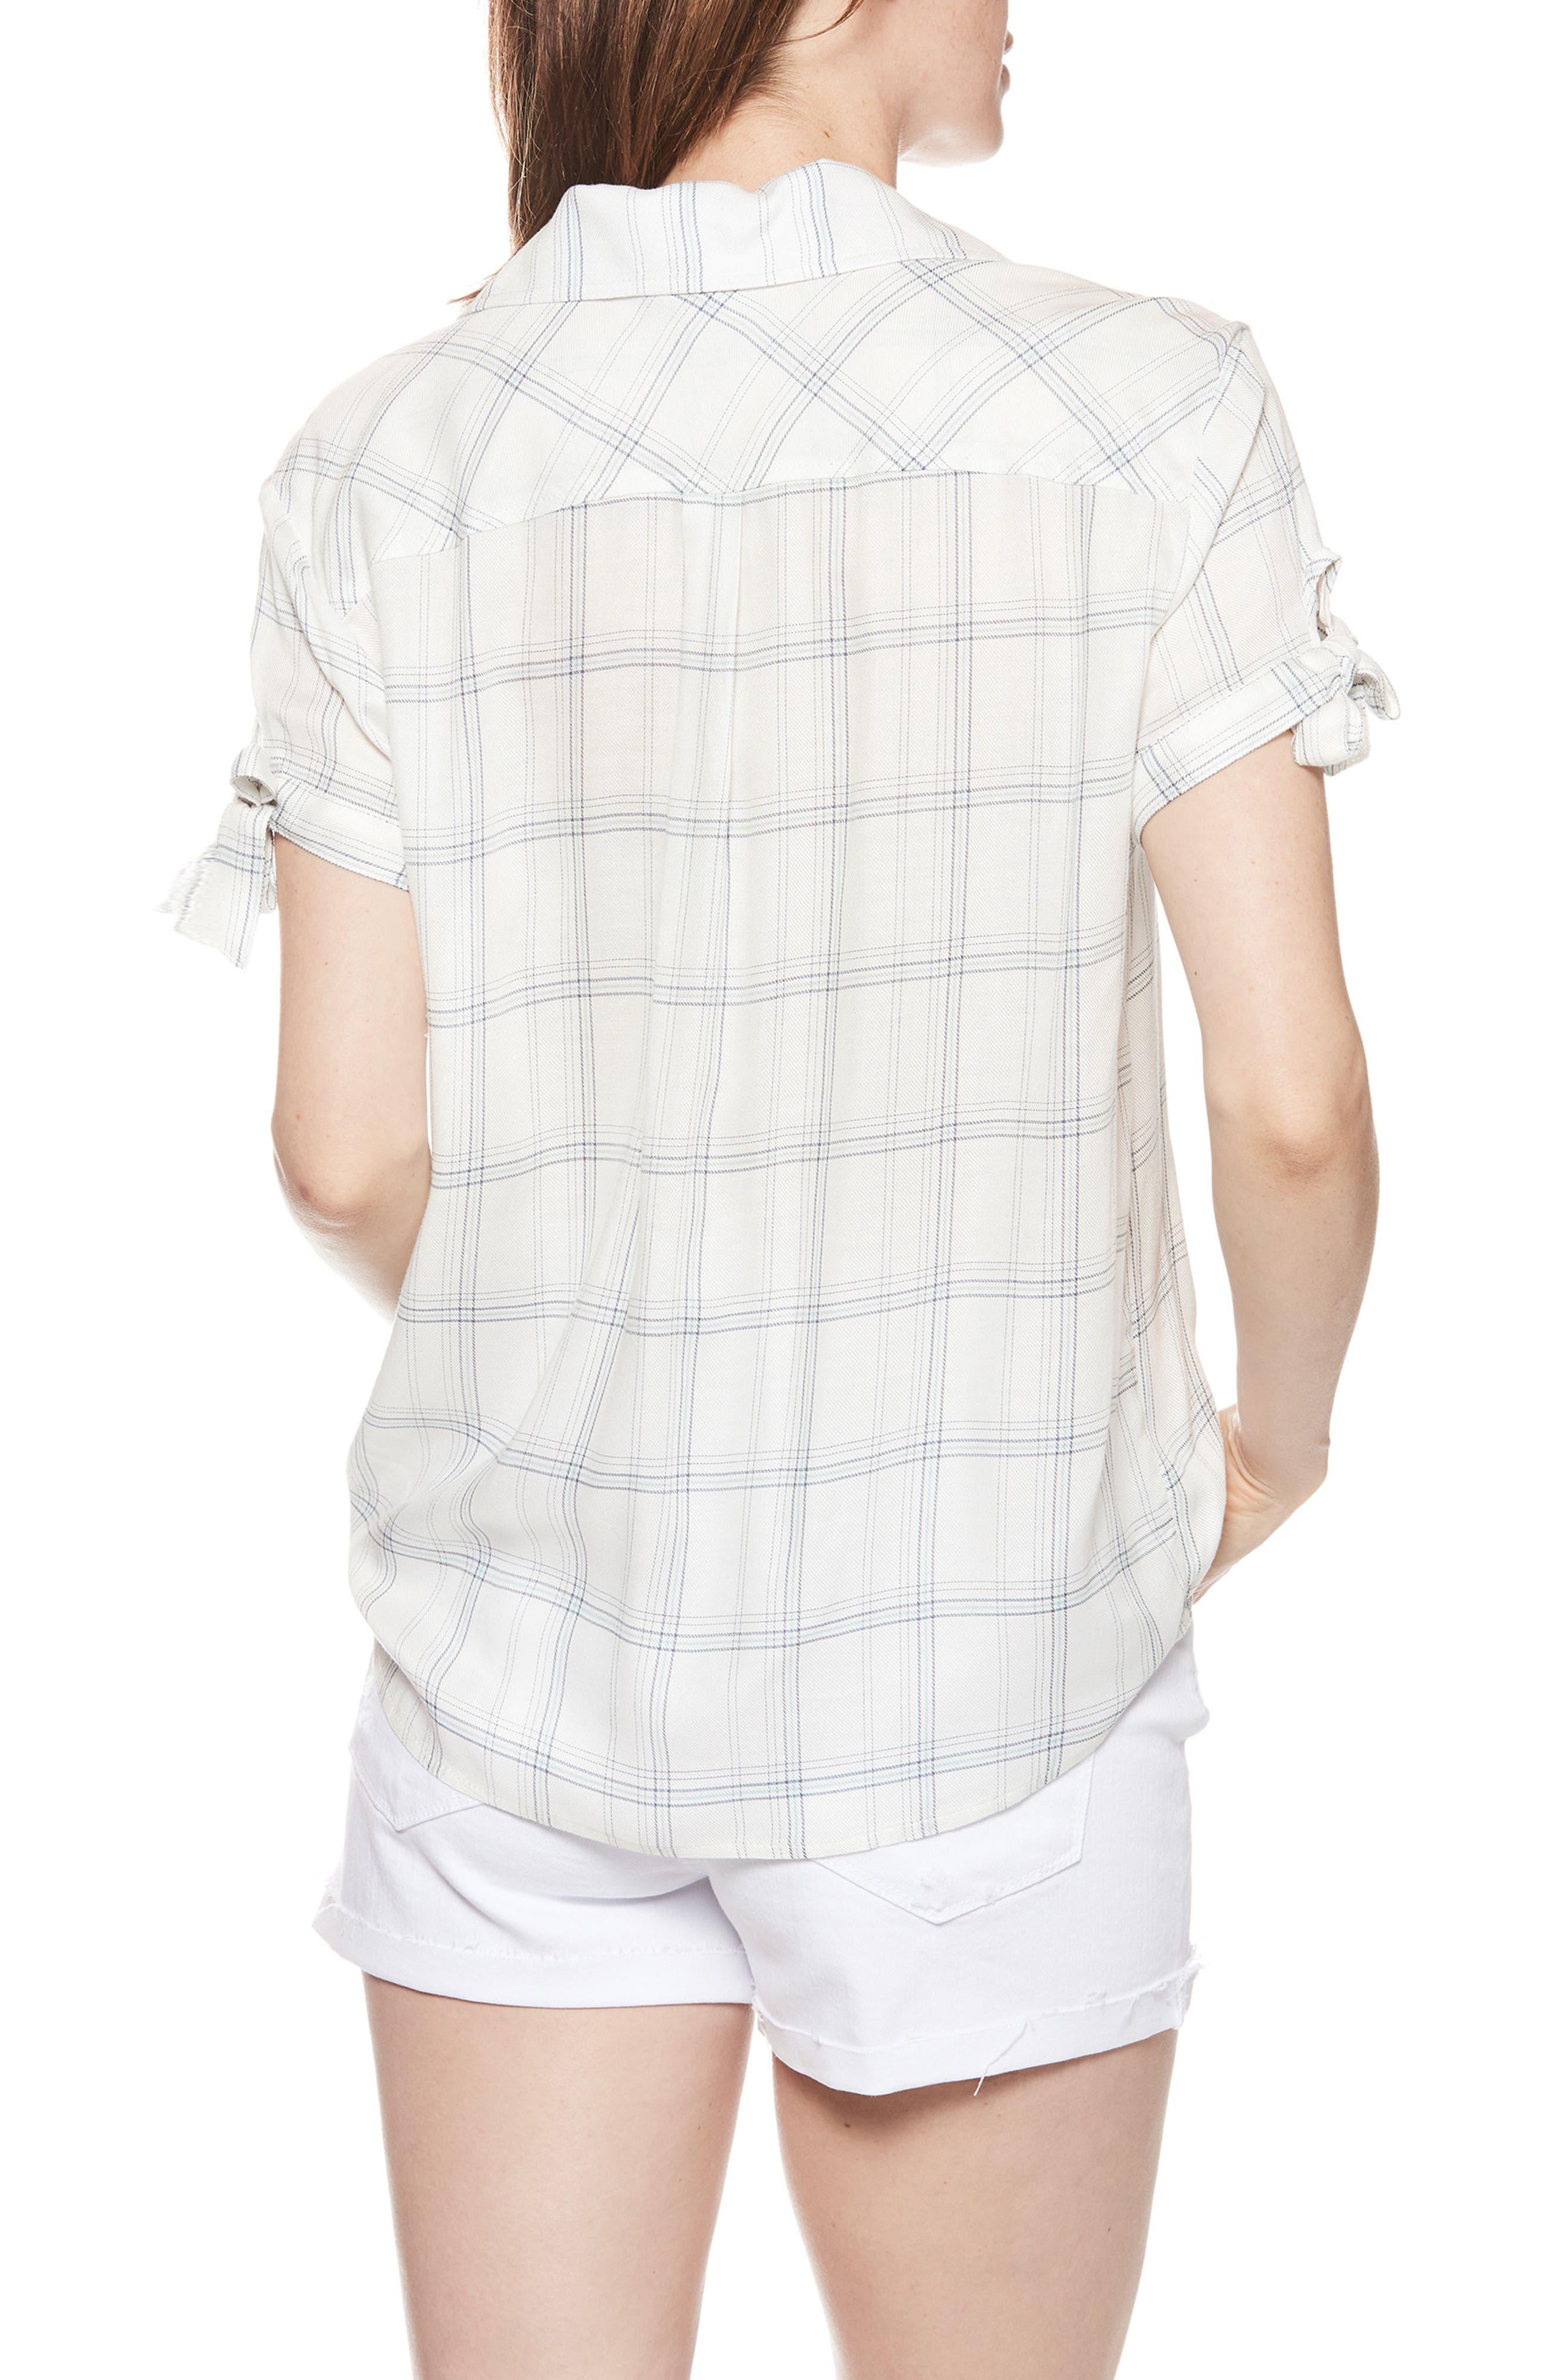 Avery Plaid Shirt,                             Alternate thumbnail 2, color,                             WHITE / BIJOU BLUE